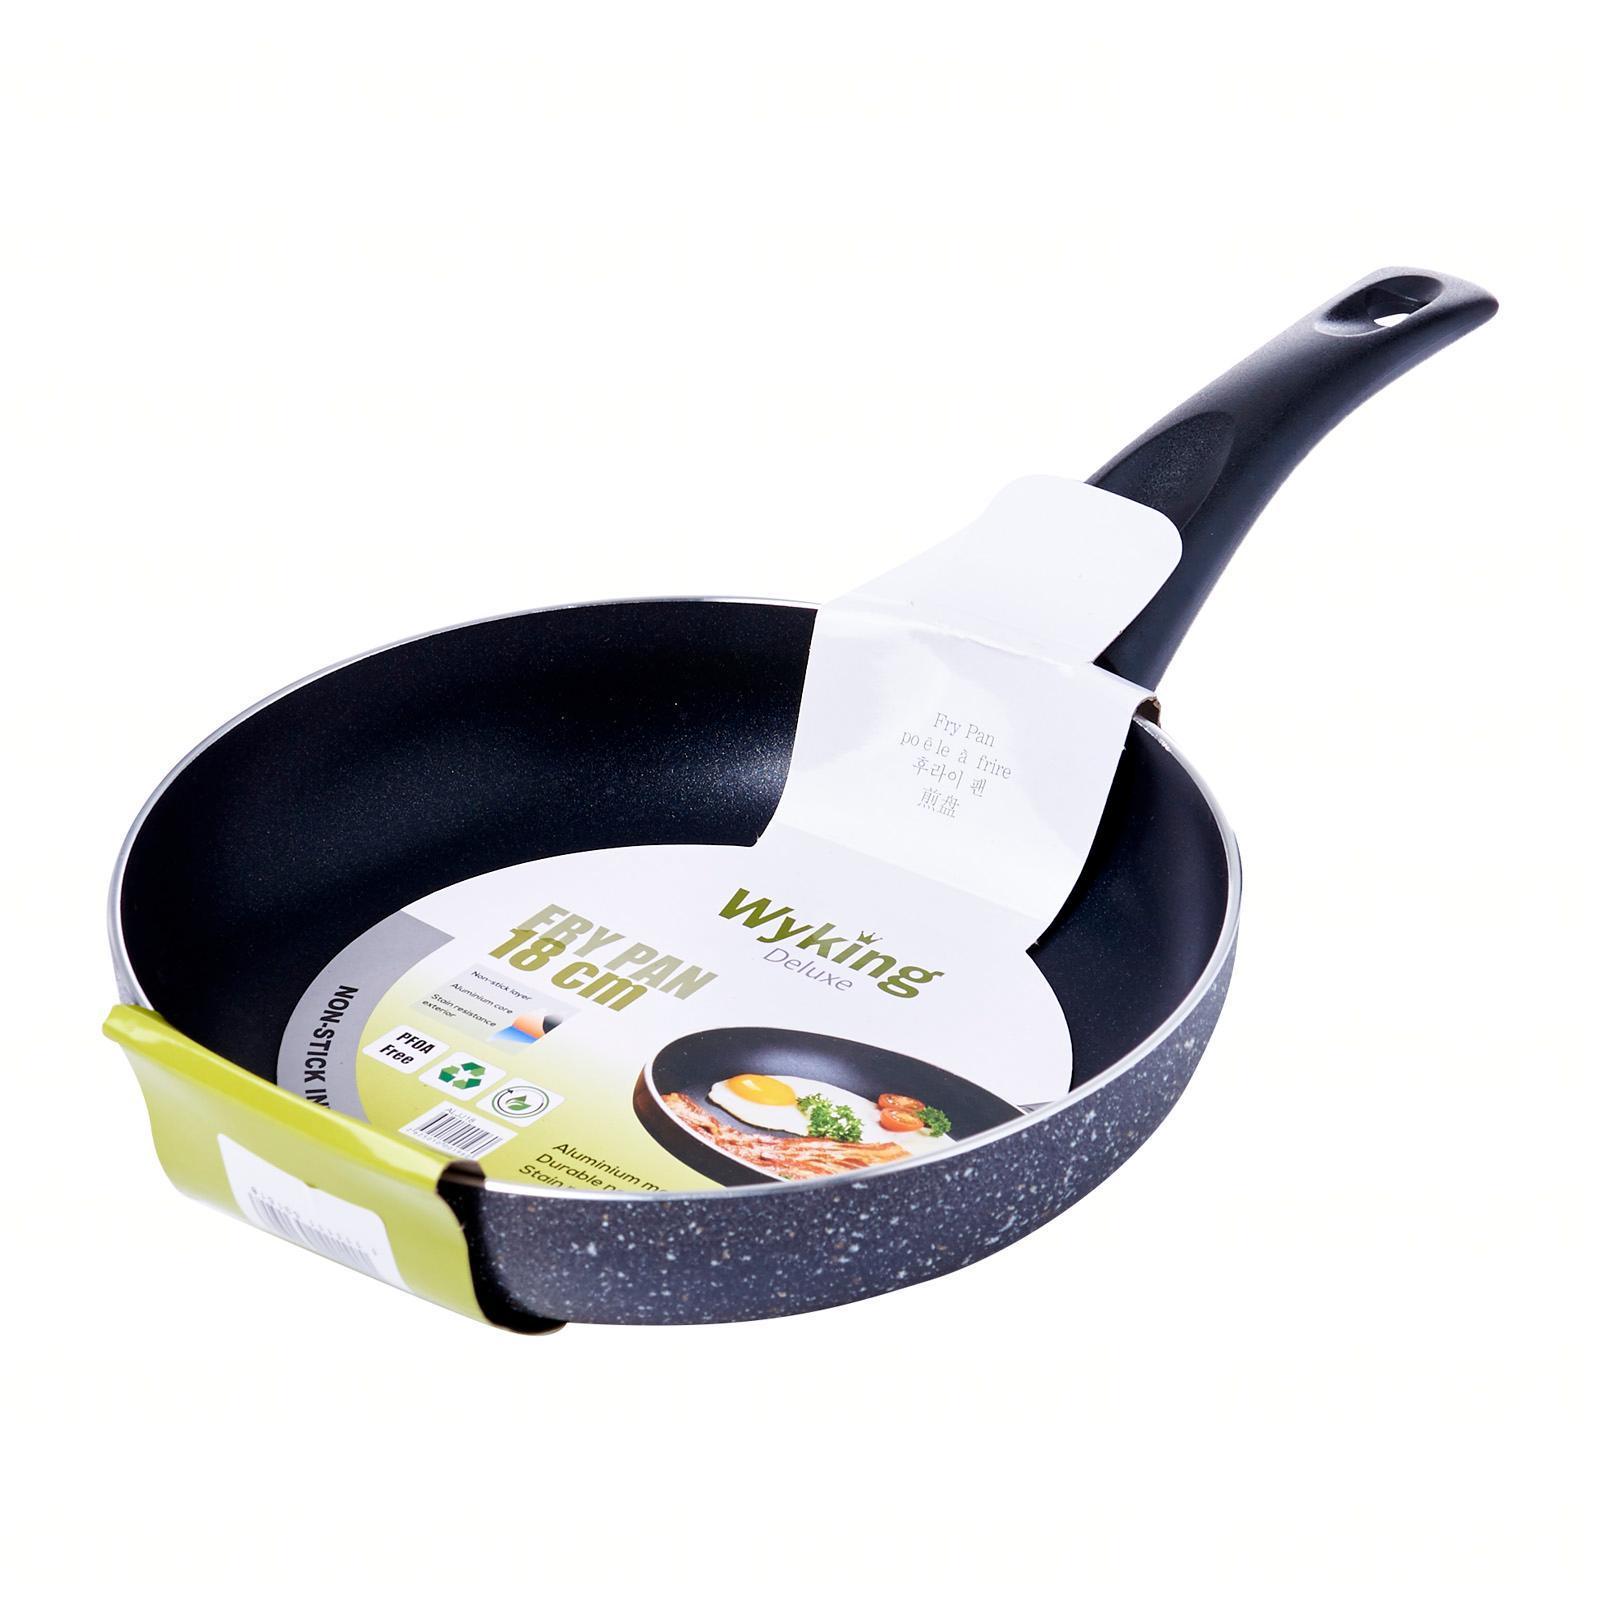 Wyking 18Cm Frying Pan